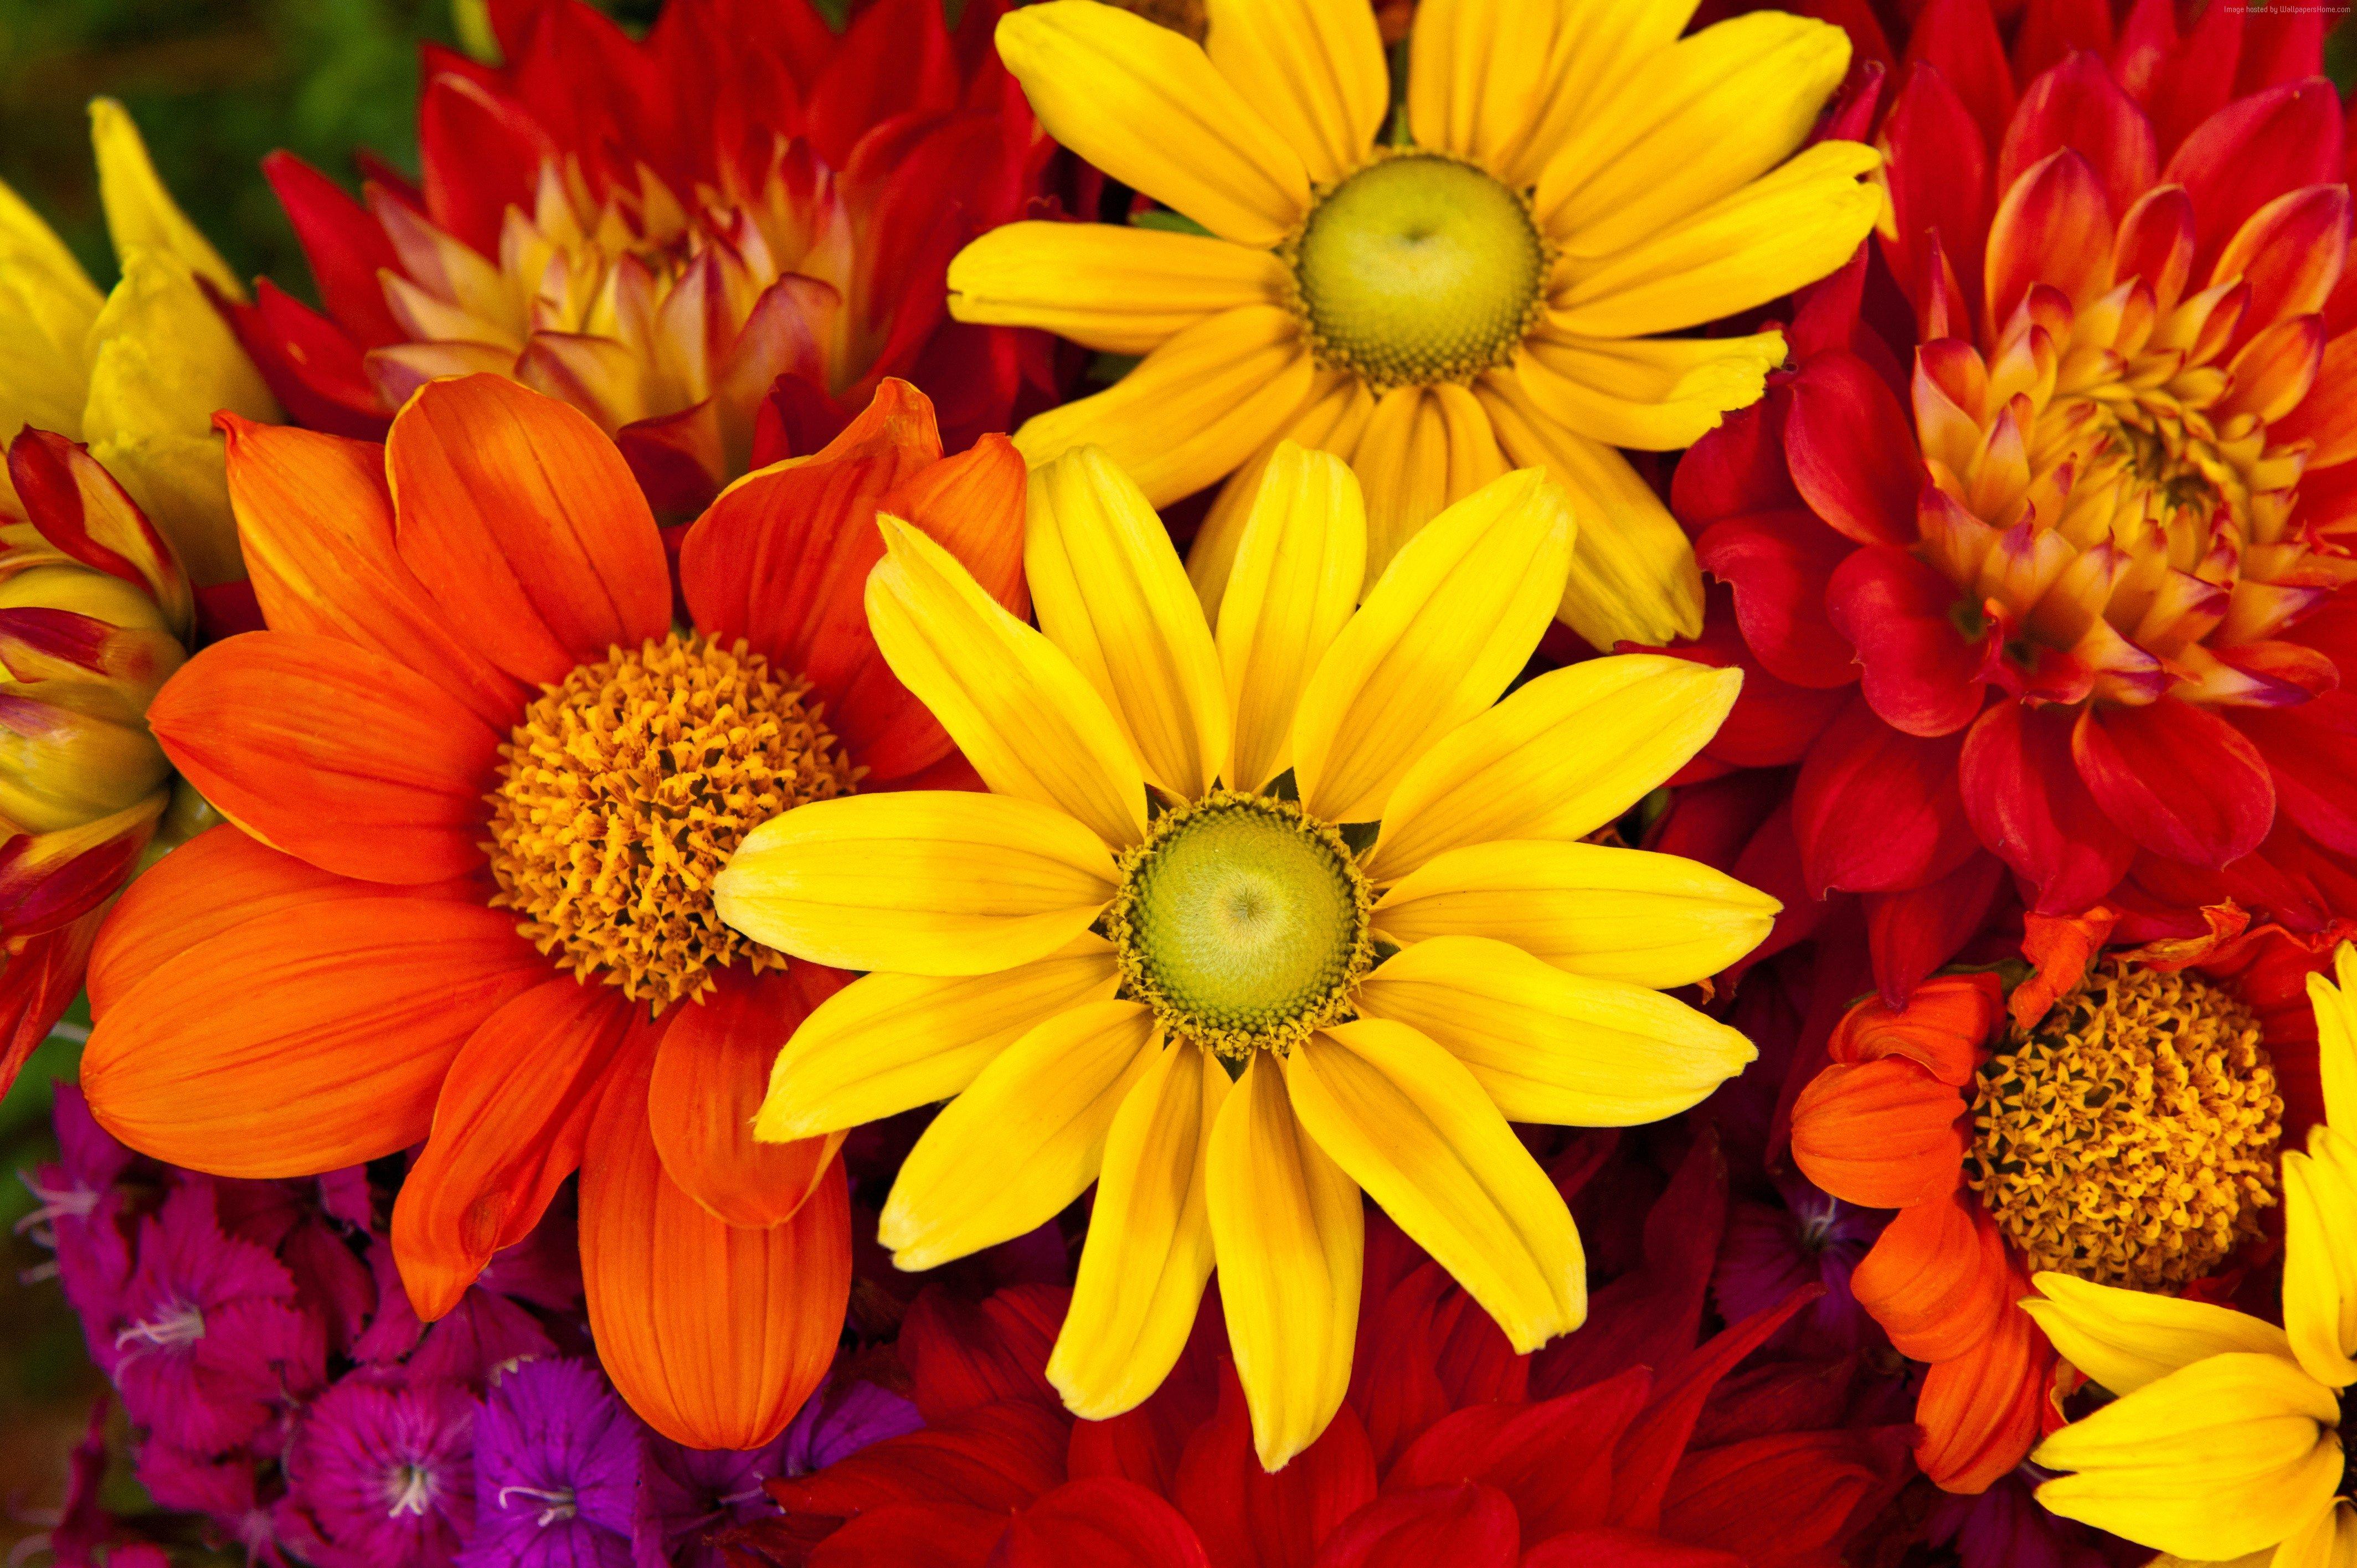 Обои для рабочего стола красивые осенние цветы